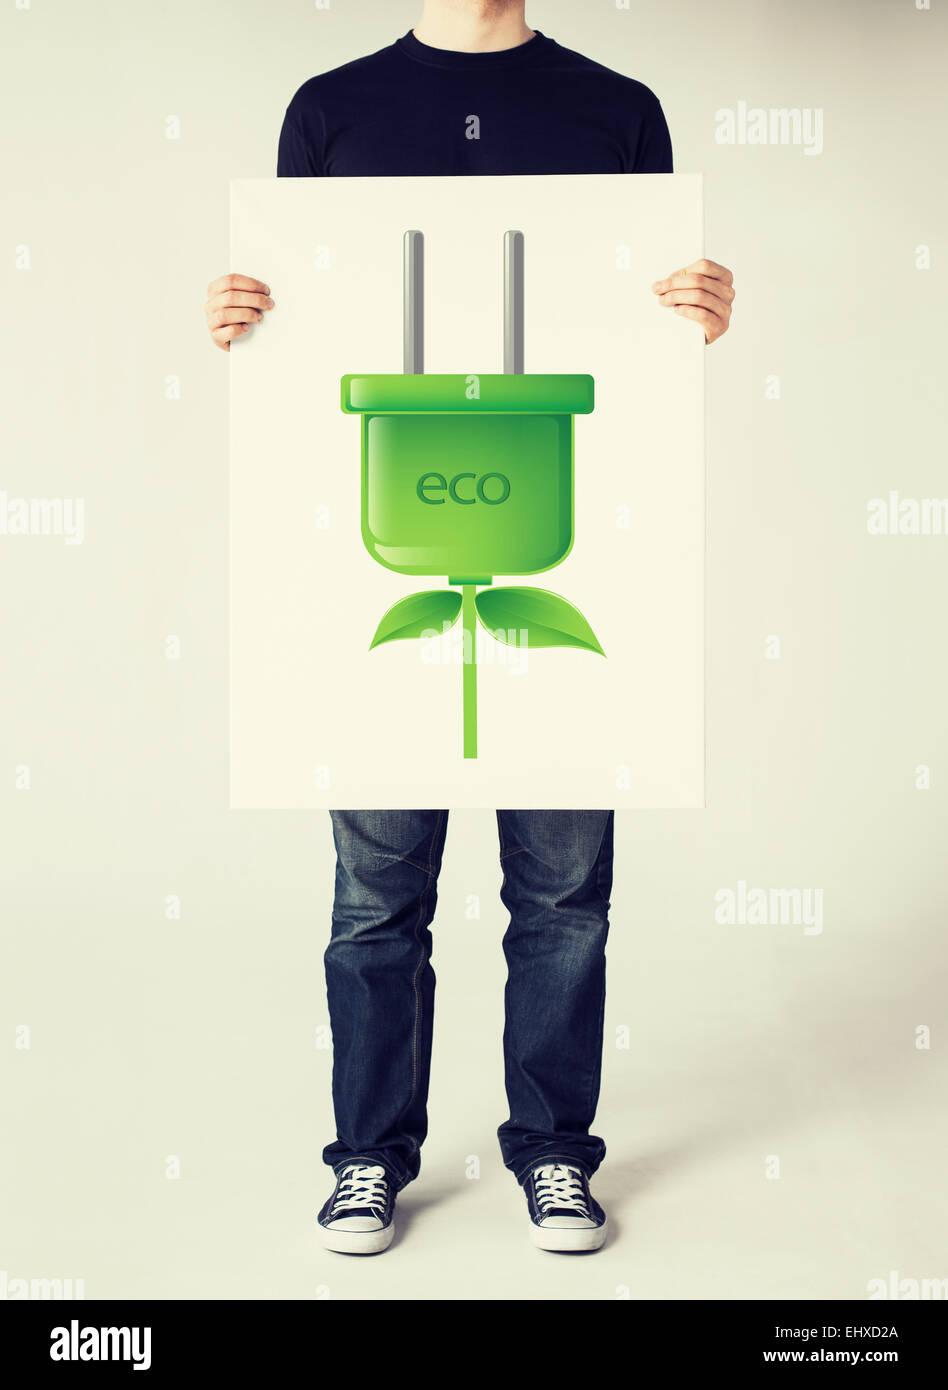 Hände halten Bild von grünen Electrica Ecol Stecker Stockbild